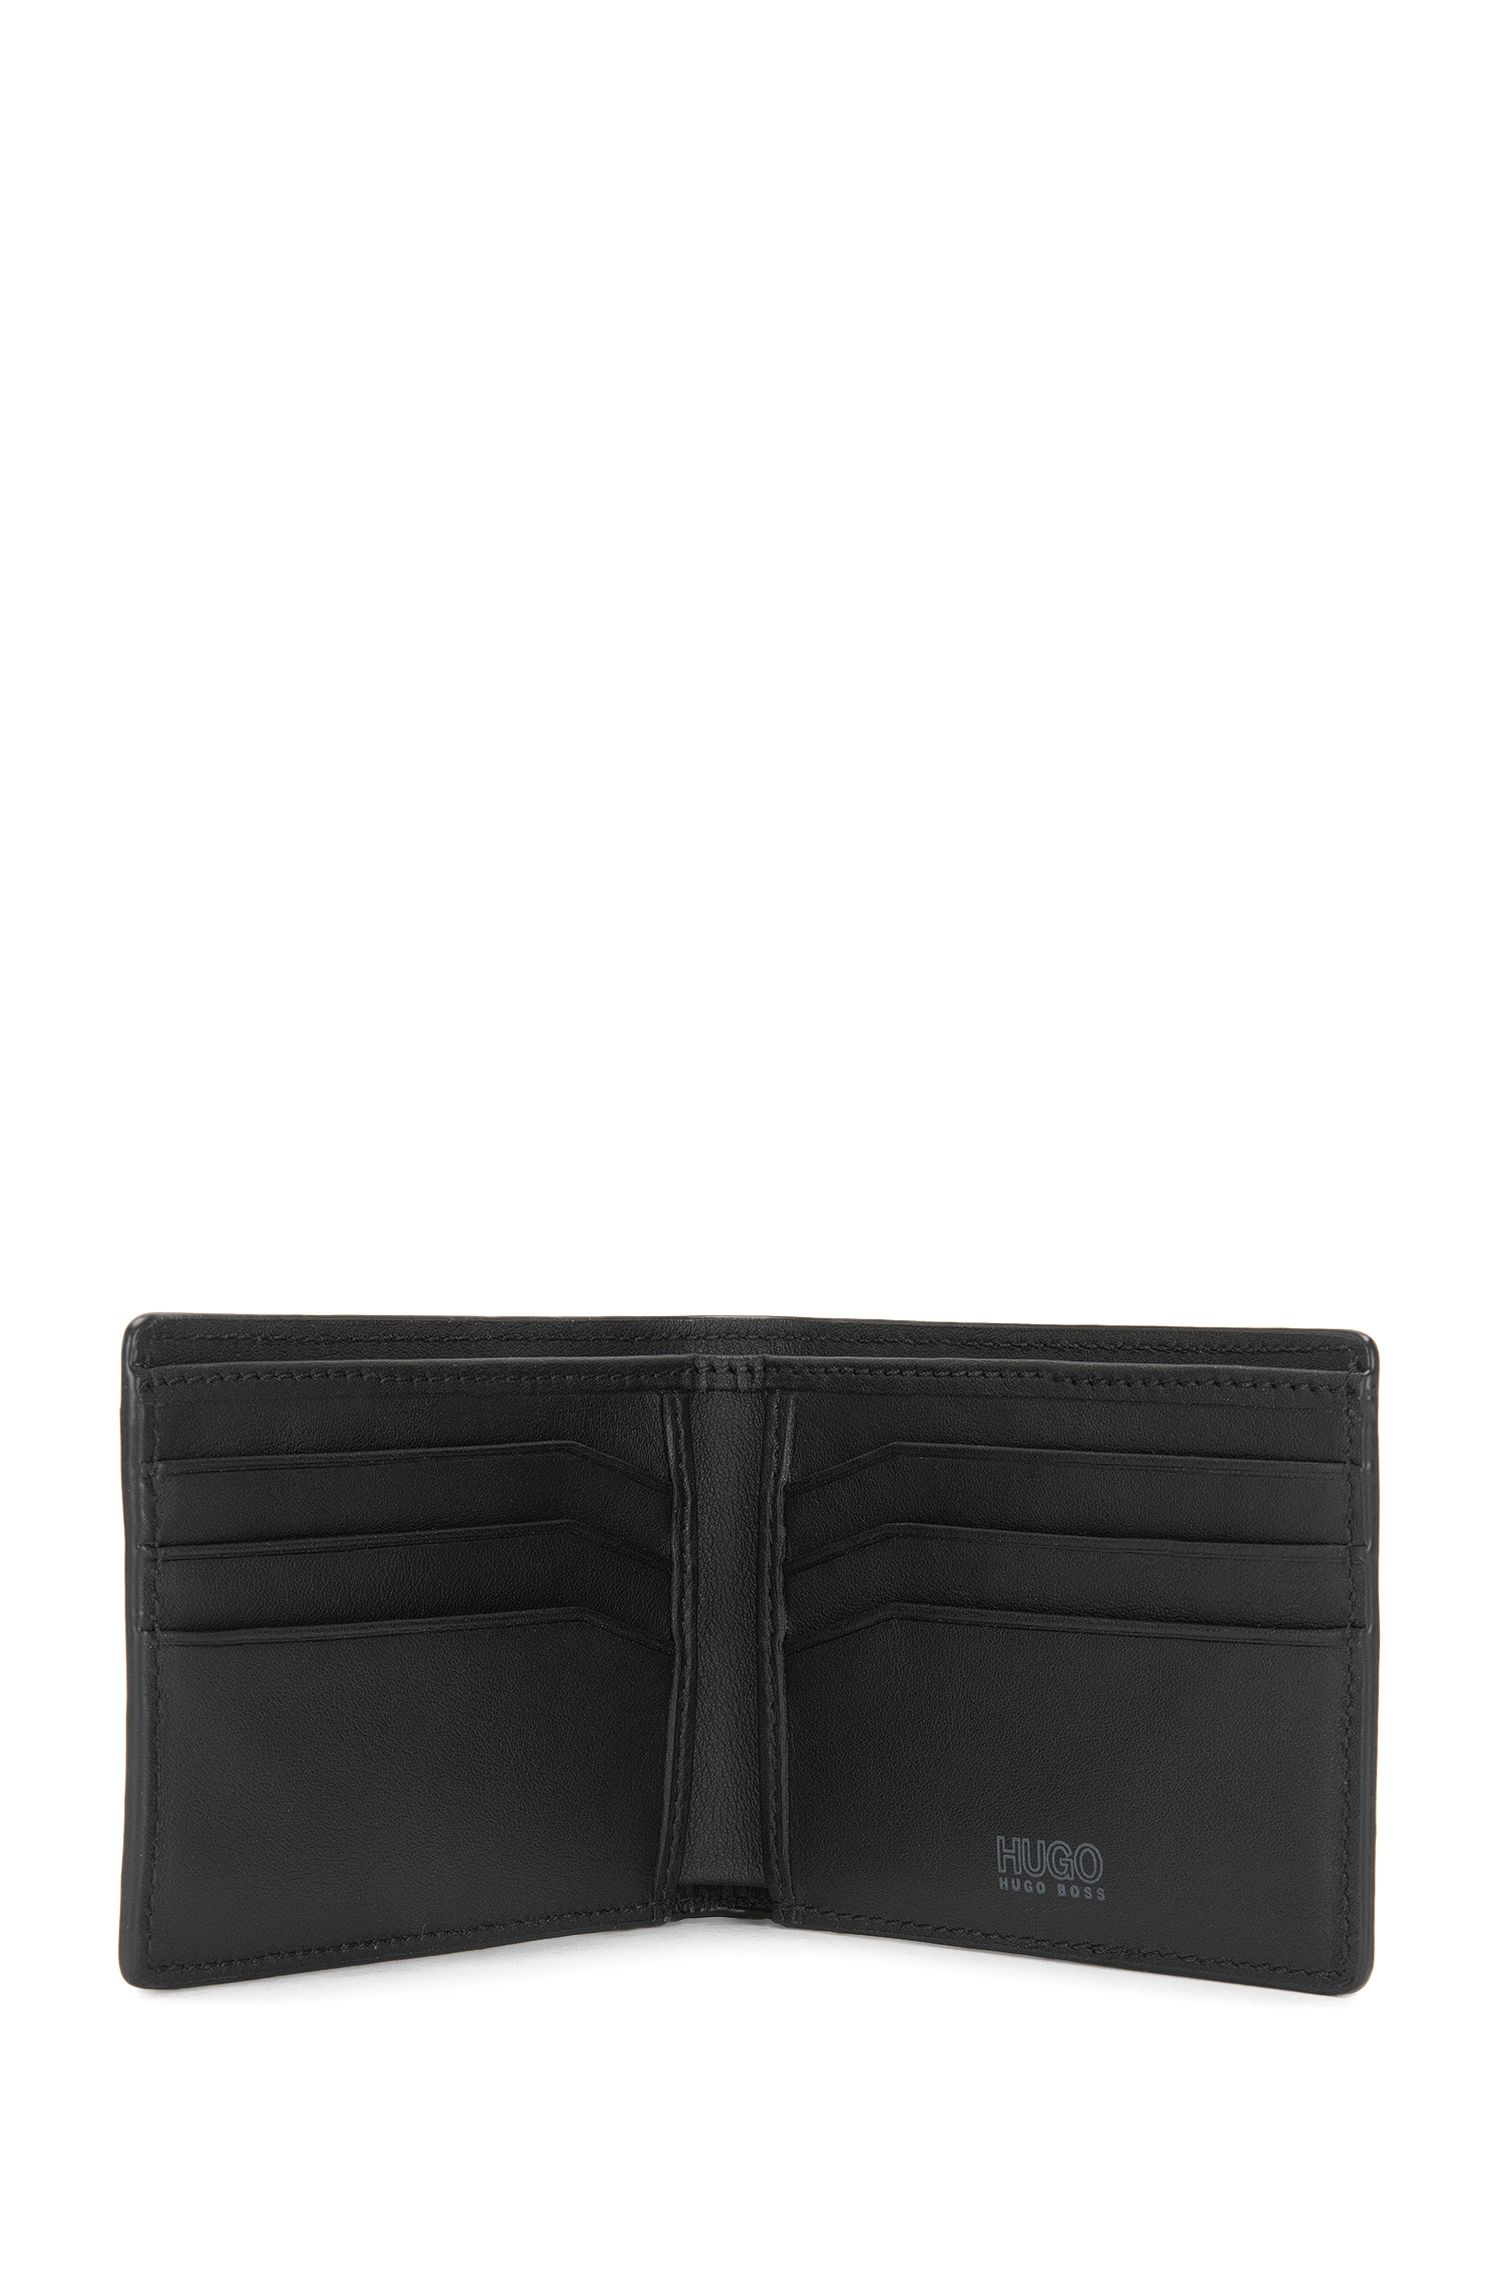 Kleinformatige Geldbörse aus Leder mit Saffiano-Prägung: 'Digital_6 cc'